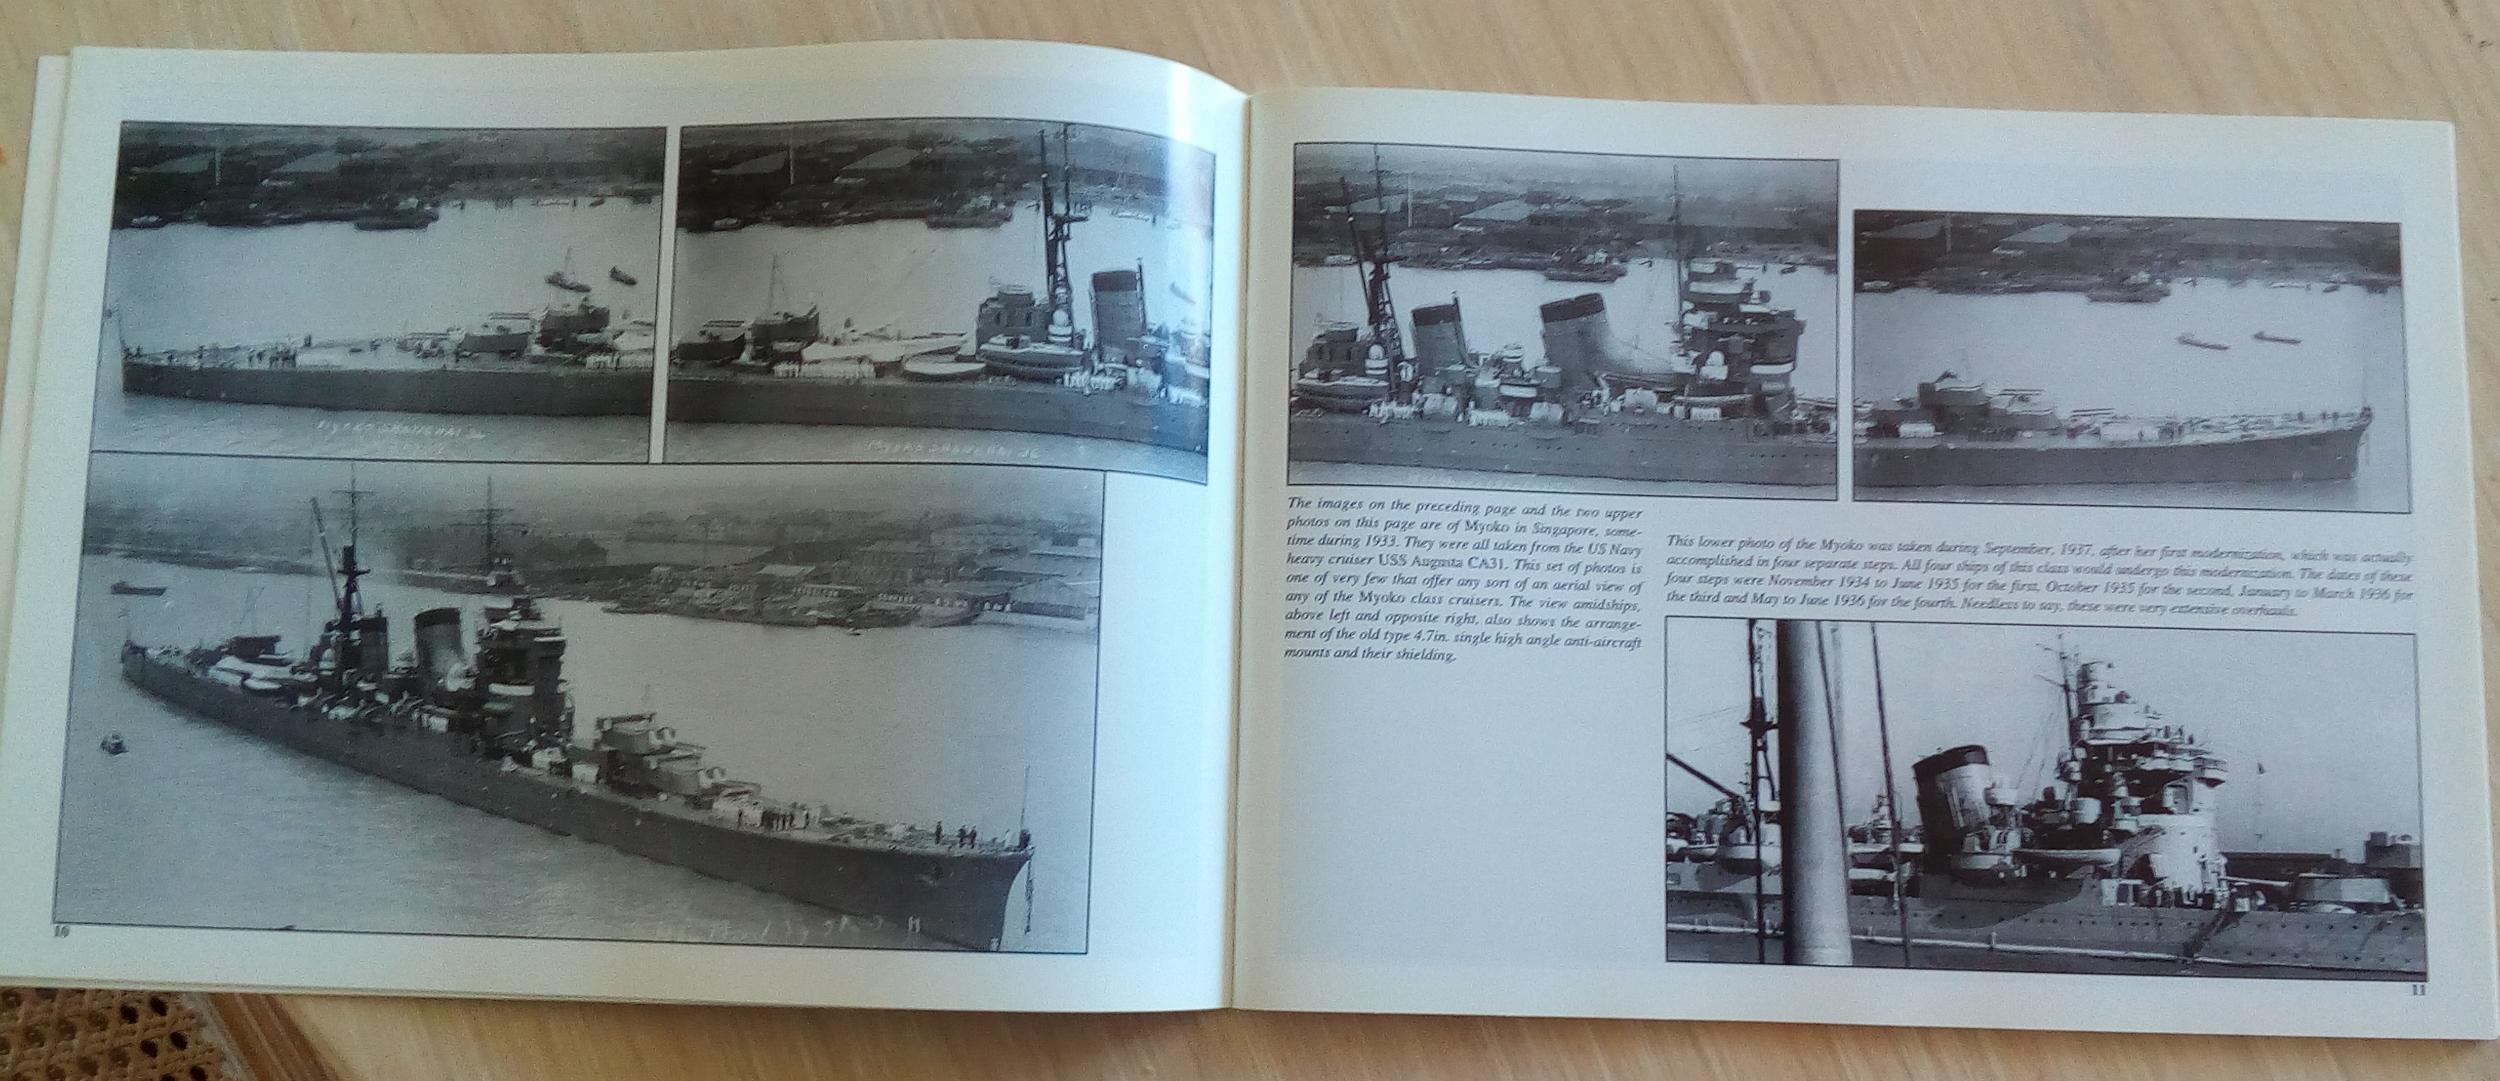 Cuirassé Richelieu 1/100 Vrsion 1943 sur plans Polonais et Sarnet + Dumas - Page 4 988866IMG201612271340152500x1081